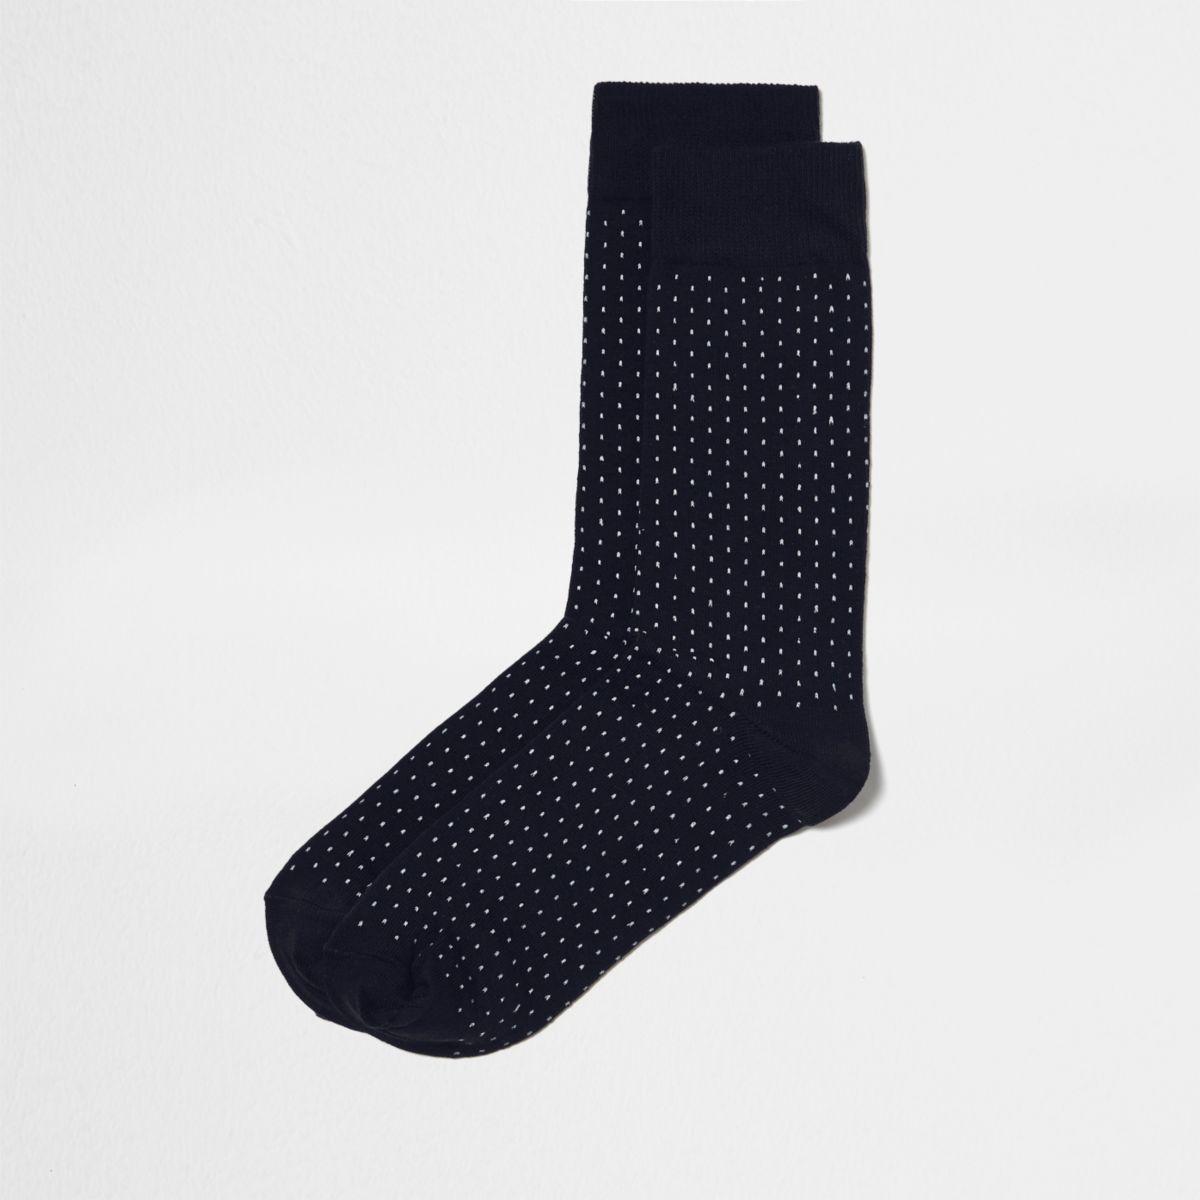 Navy polka dot socks